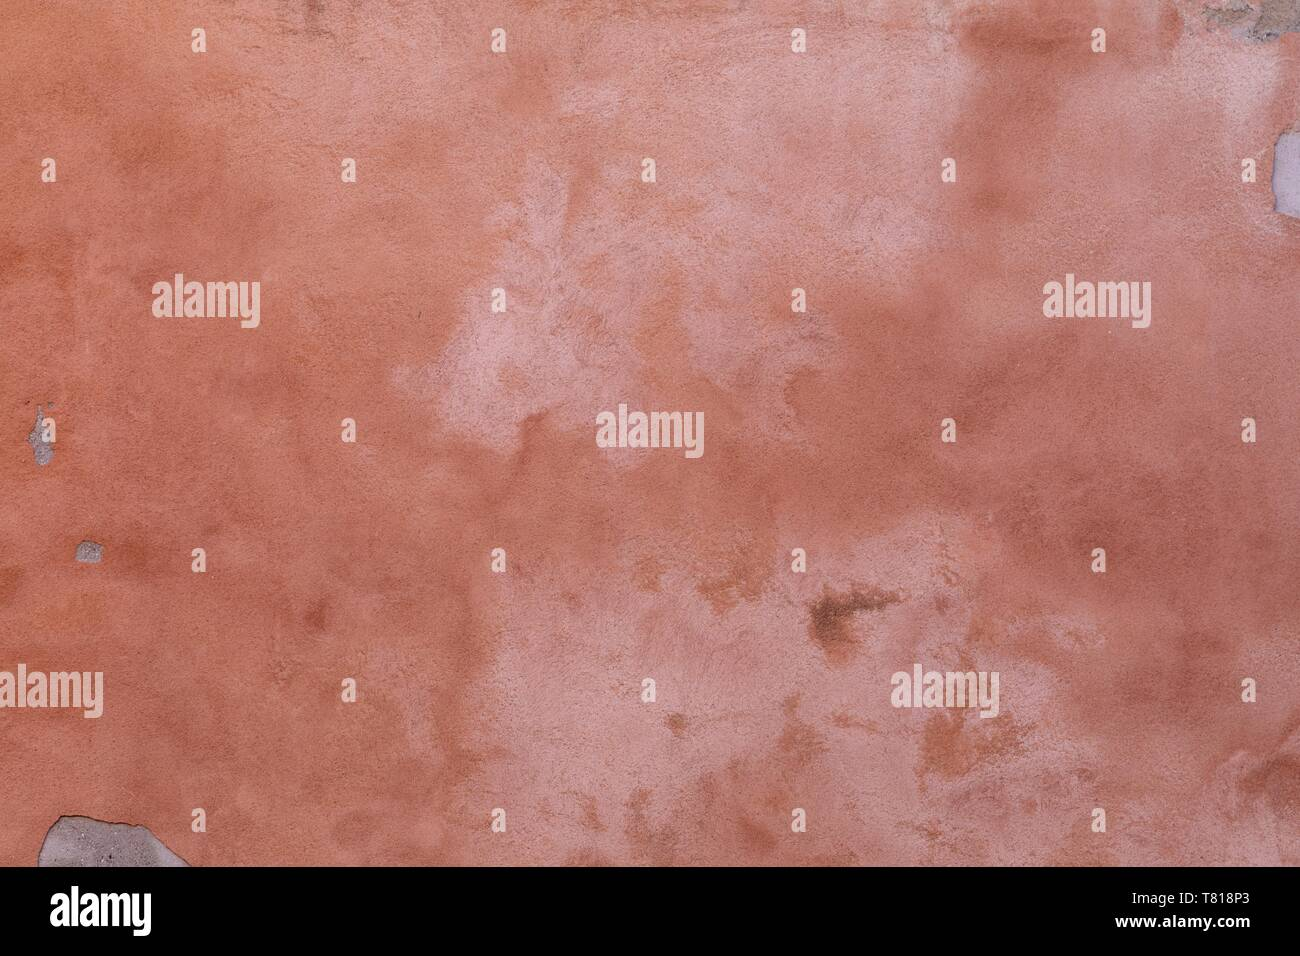 Bereit für die Reparatur, peachy pink lackiert Stuck an der Wand, das ist angebrochen und verblasst Stockbild